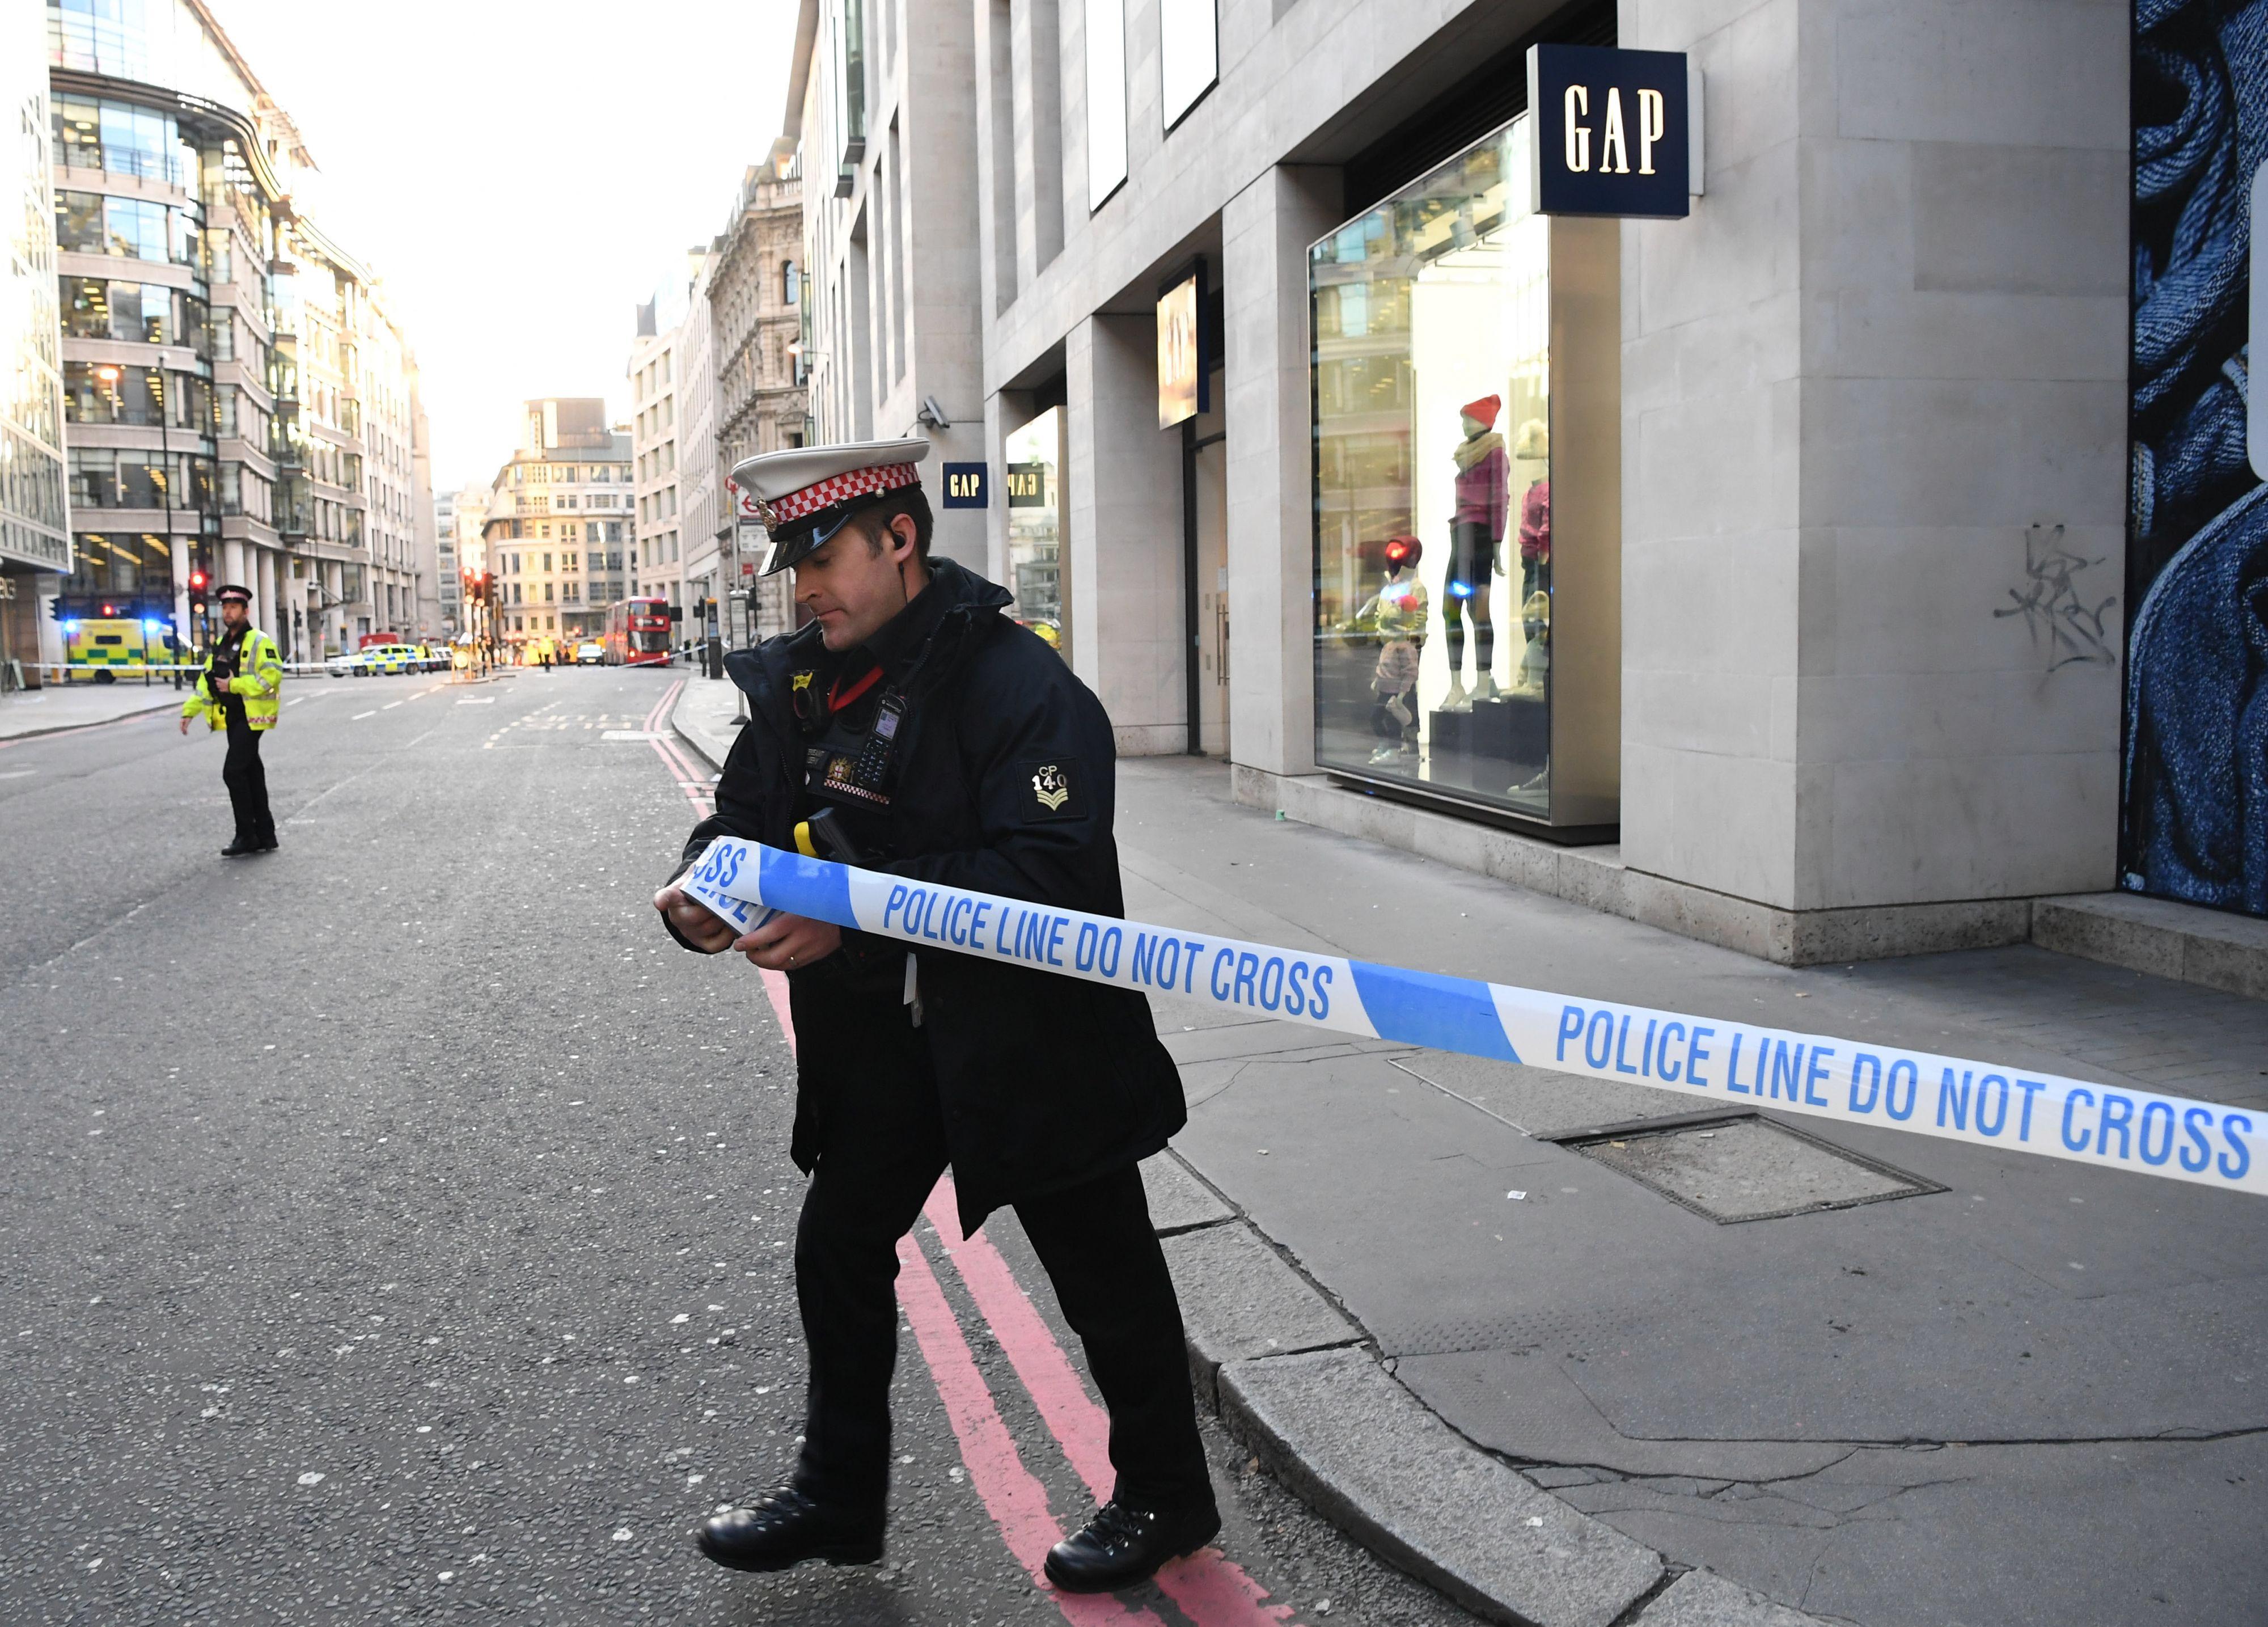 Dader aanslag Londen is 28-jarige veroordeelde terrorist